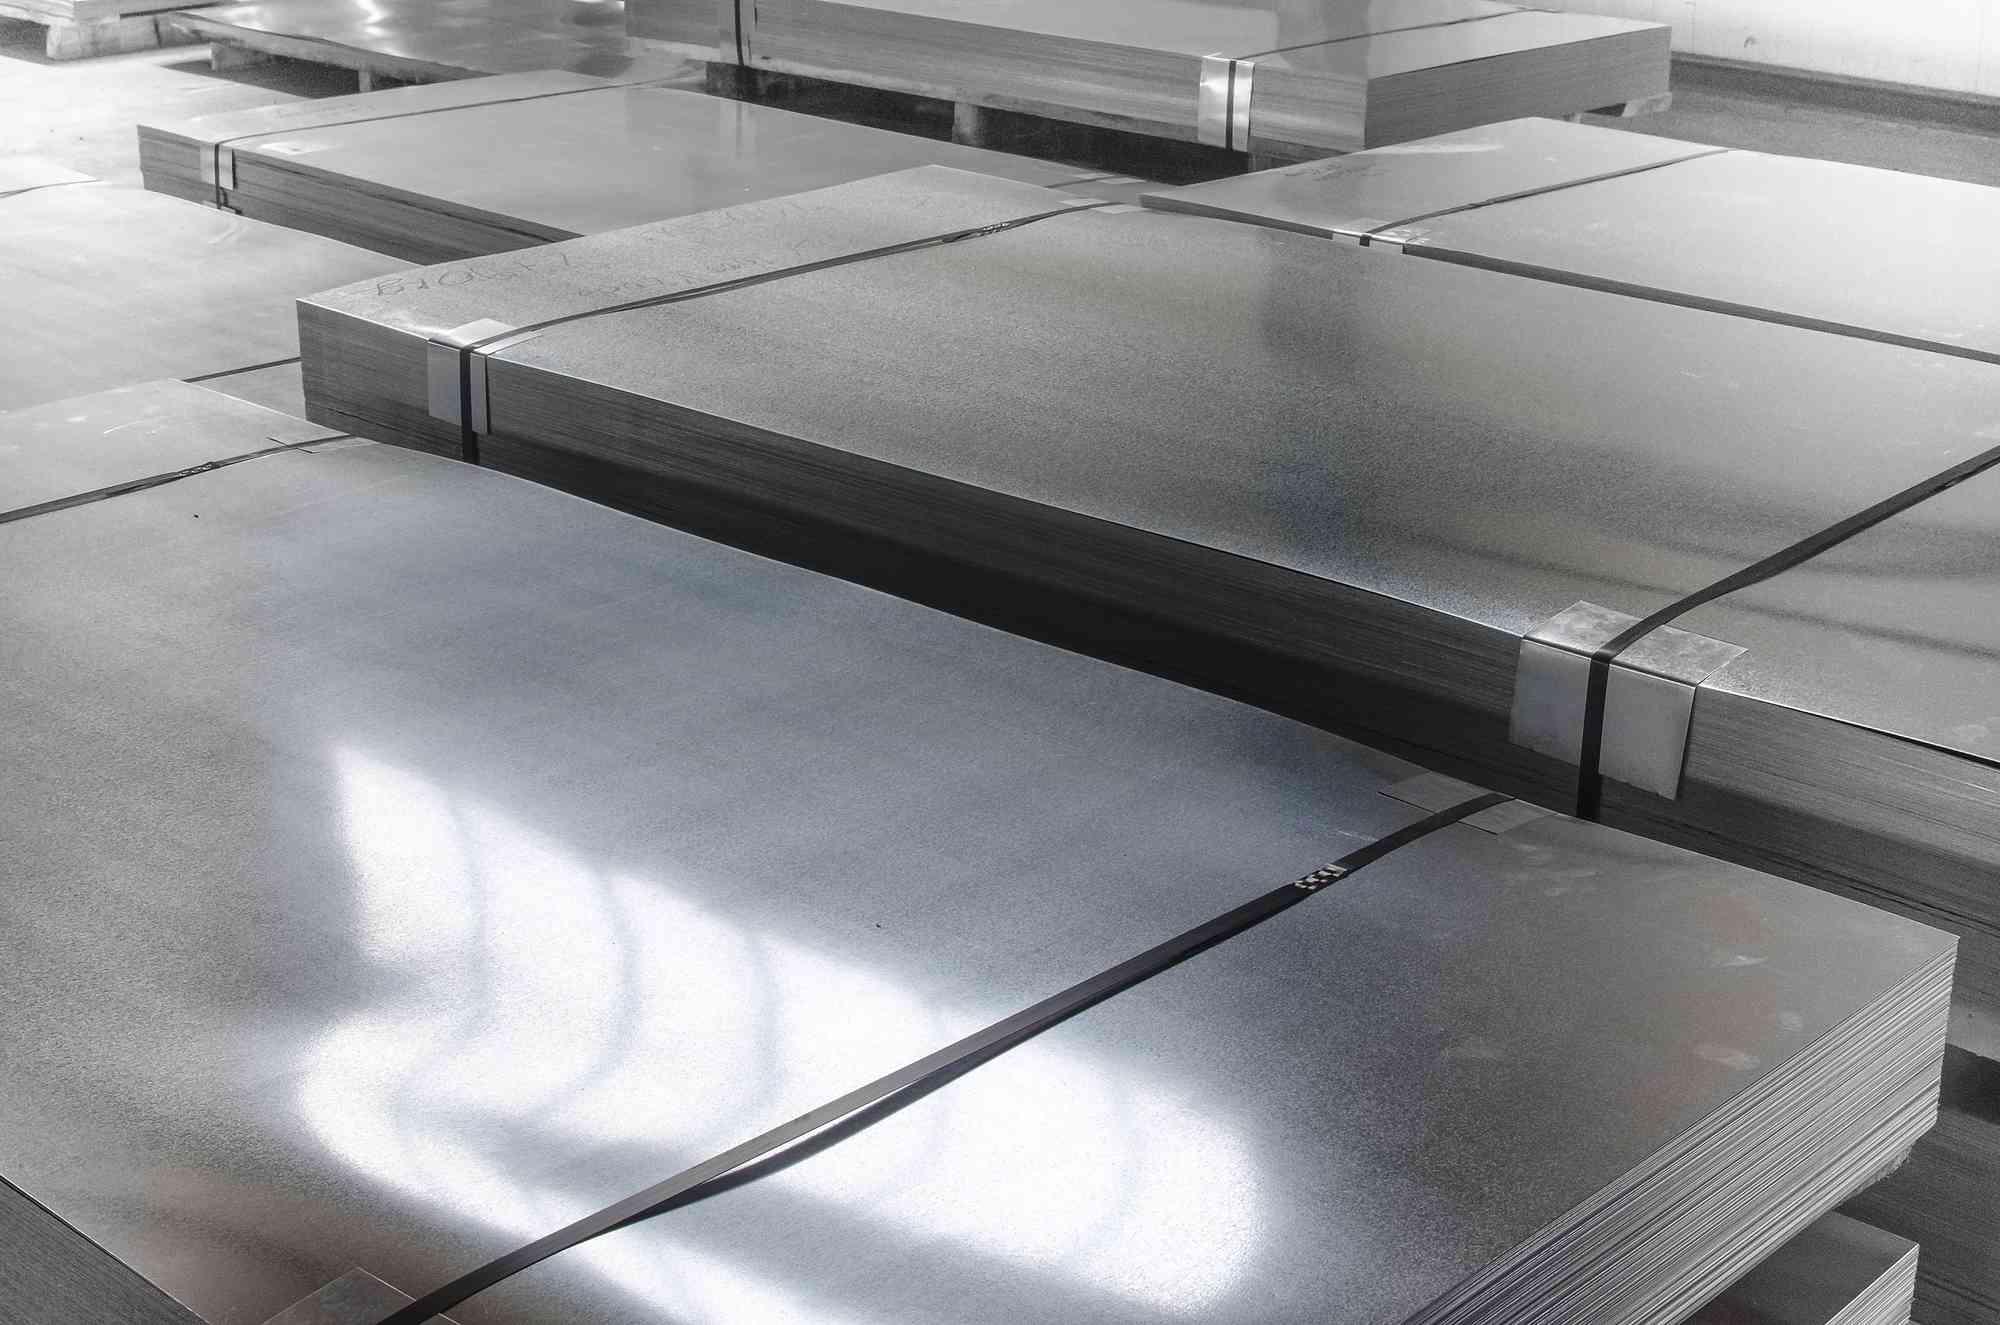 aluminium sheet metal sheets